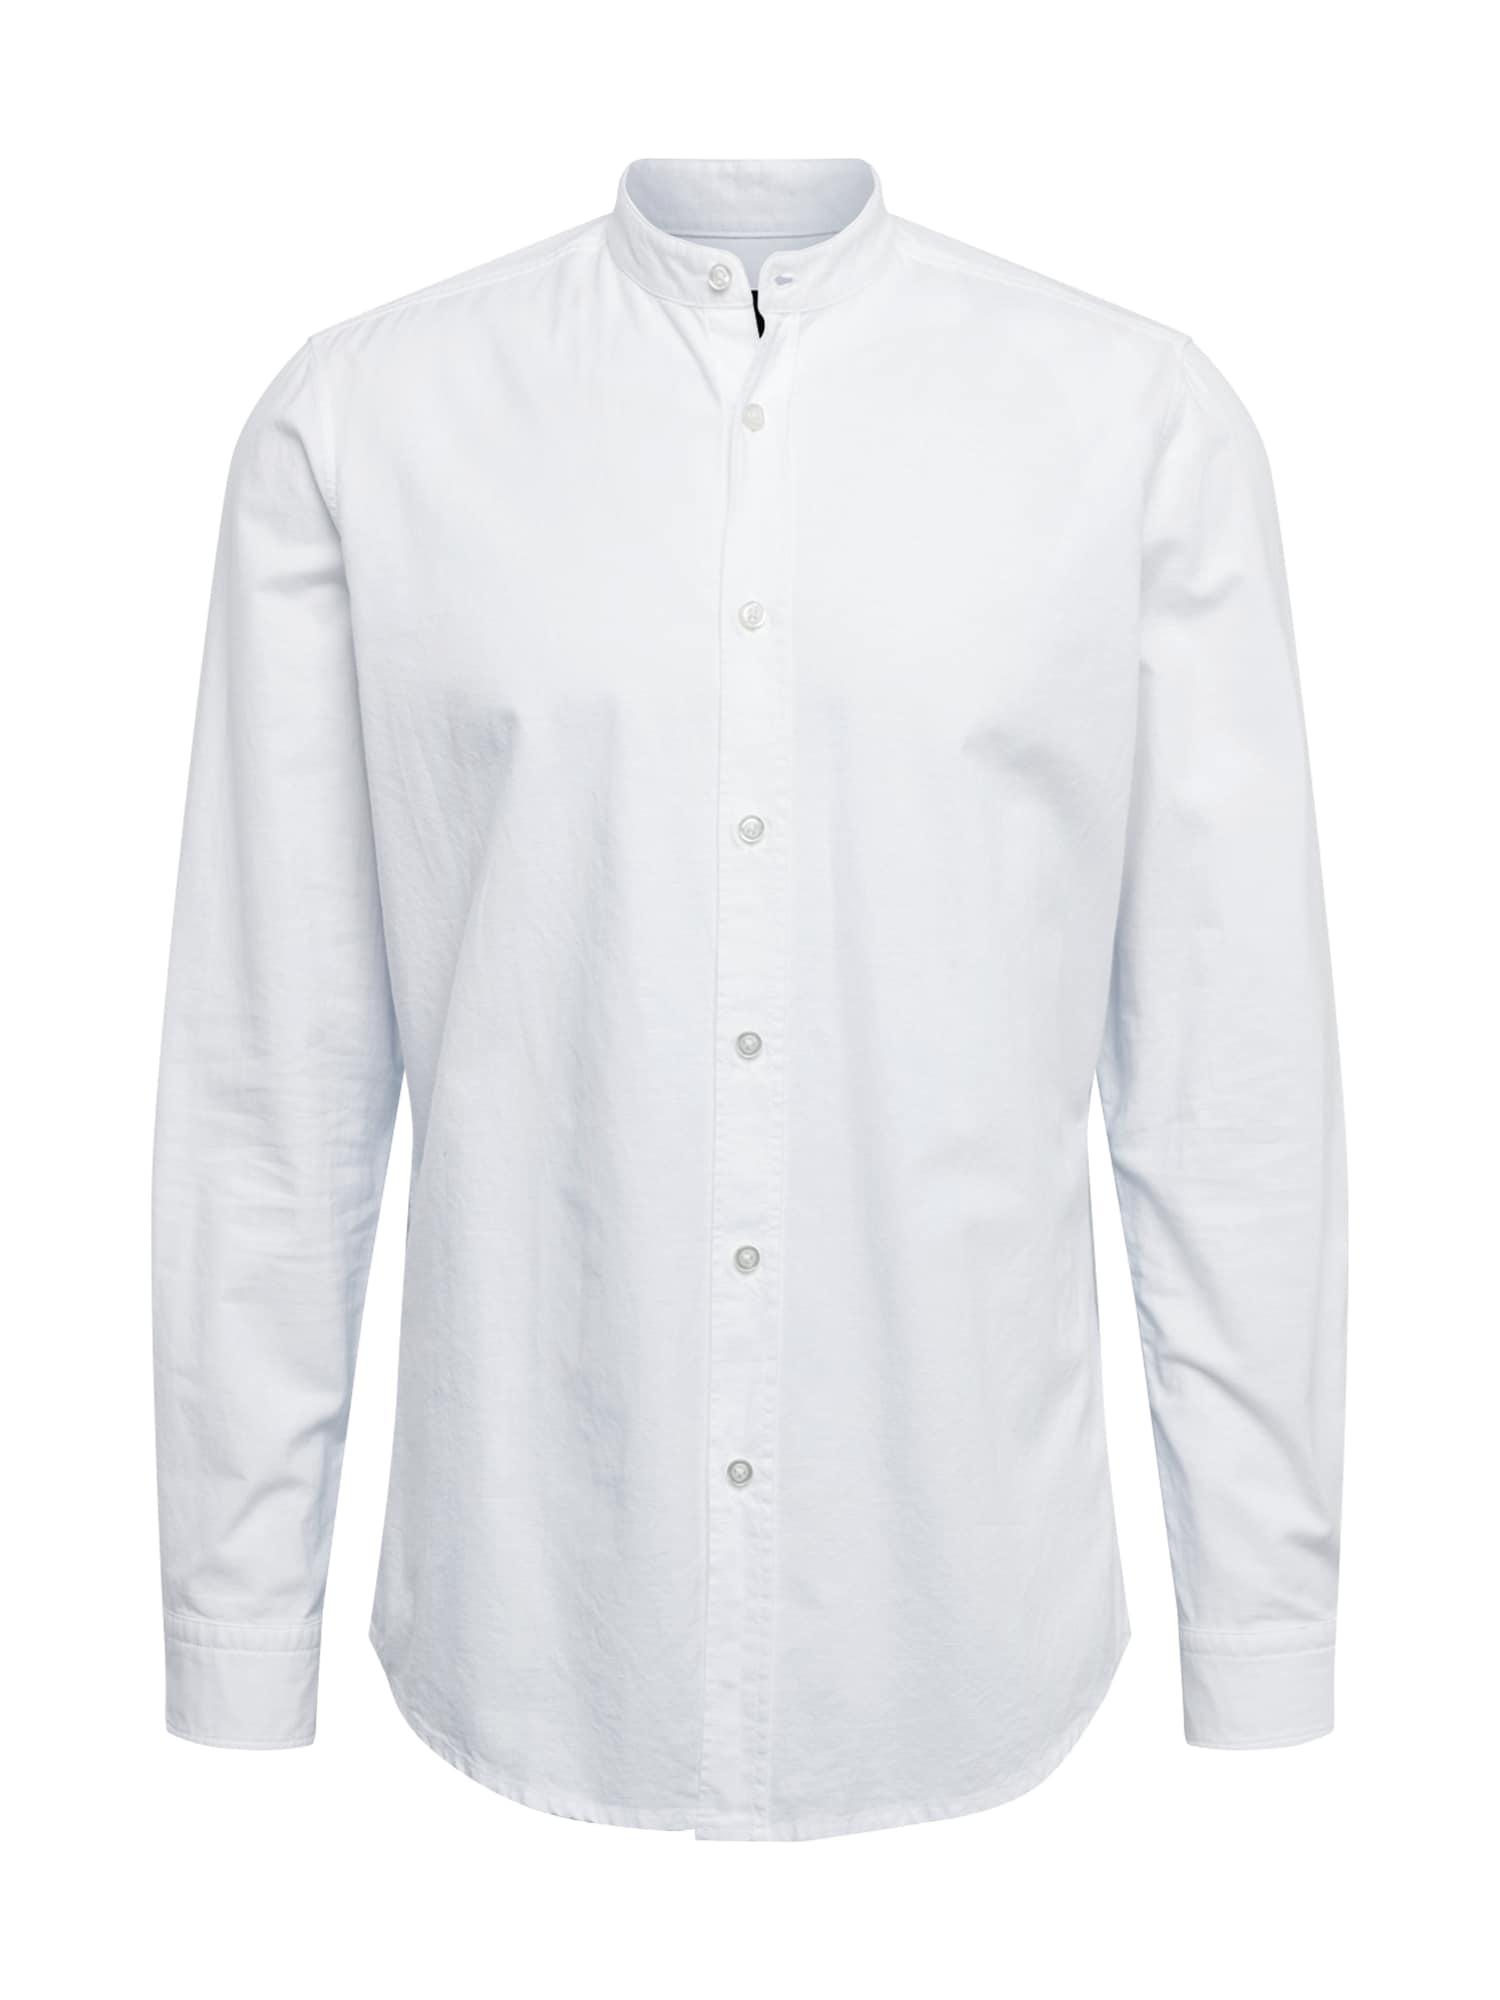 BOSS Dalykiniai marškiniai 'Race' balta